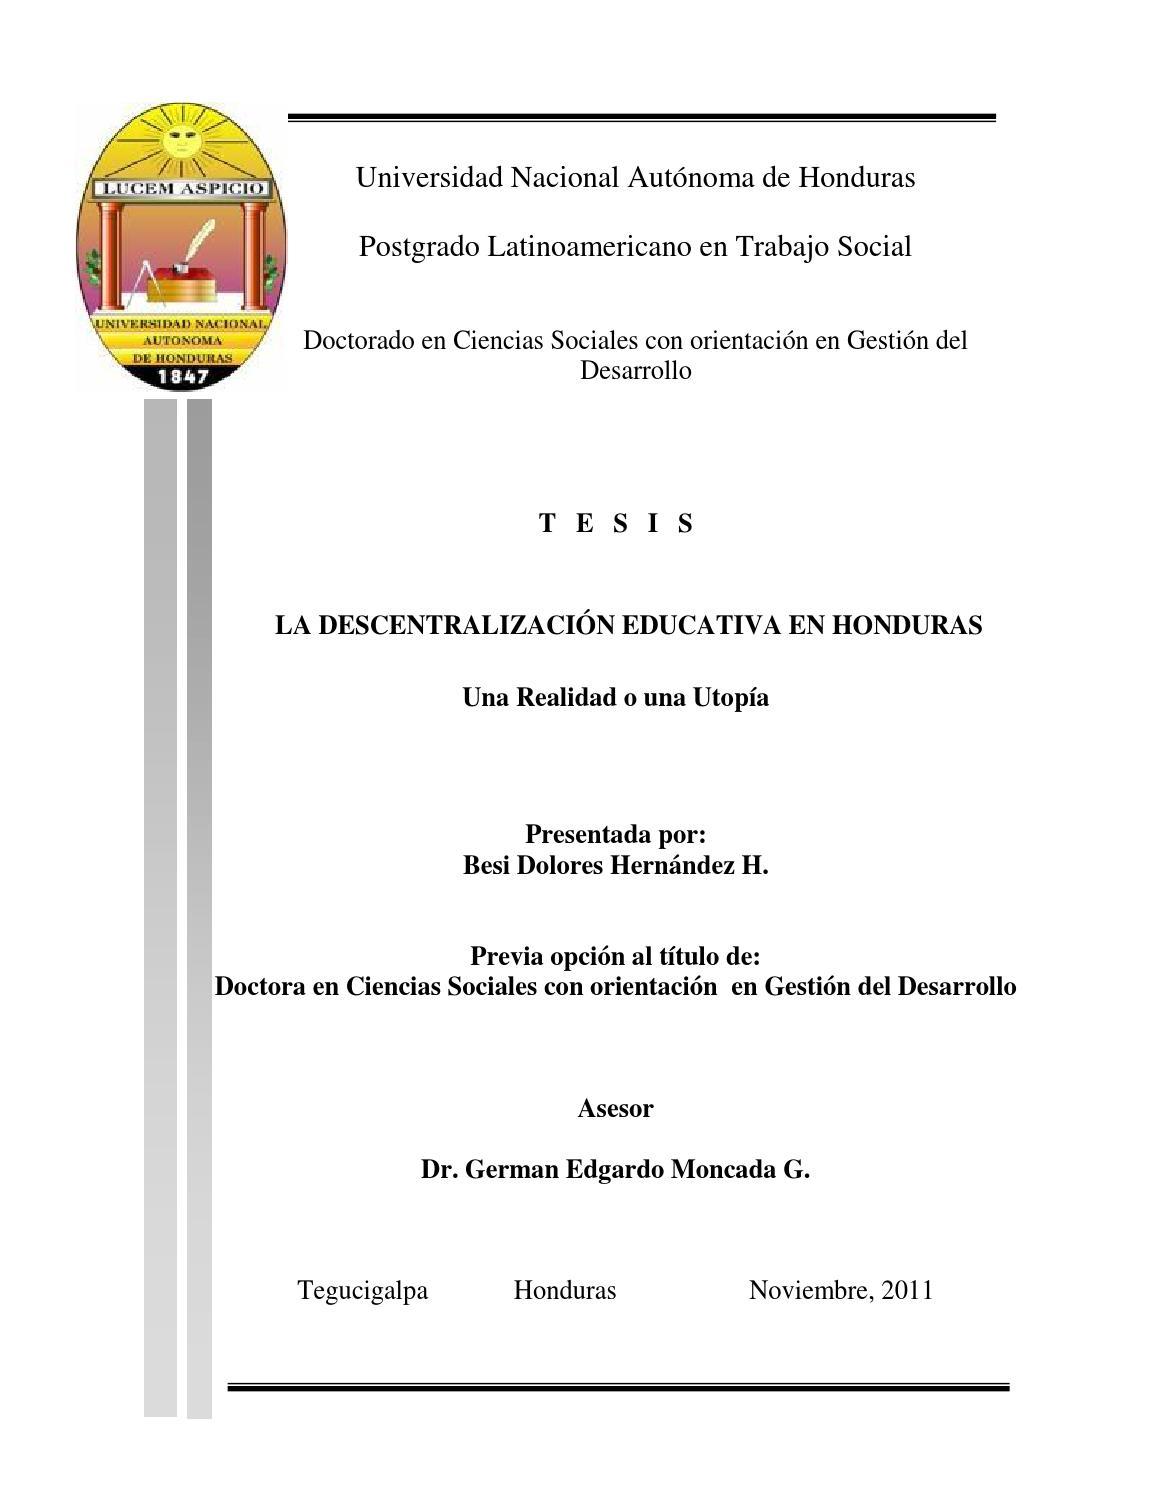 La Descentralización Educativa En Honduras By Doctorado Ccss